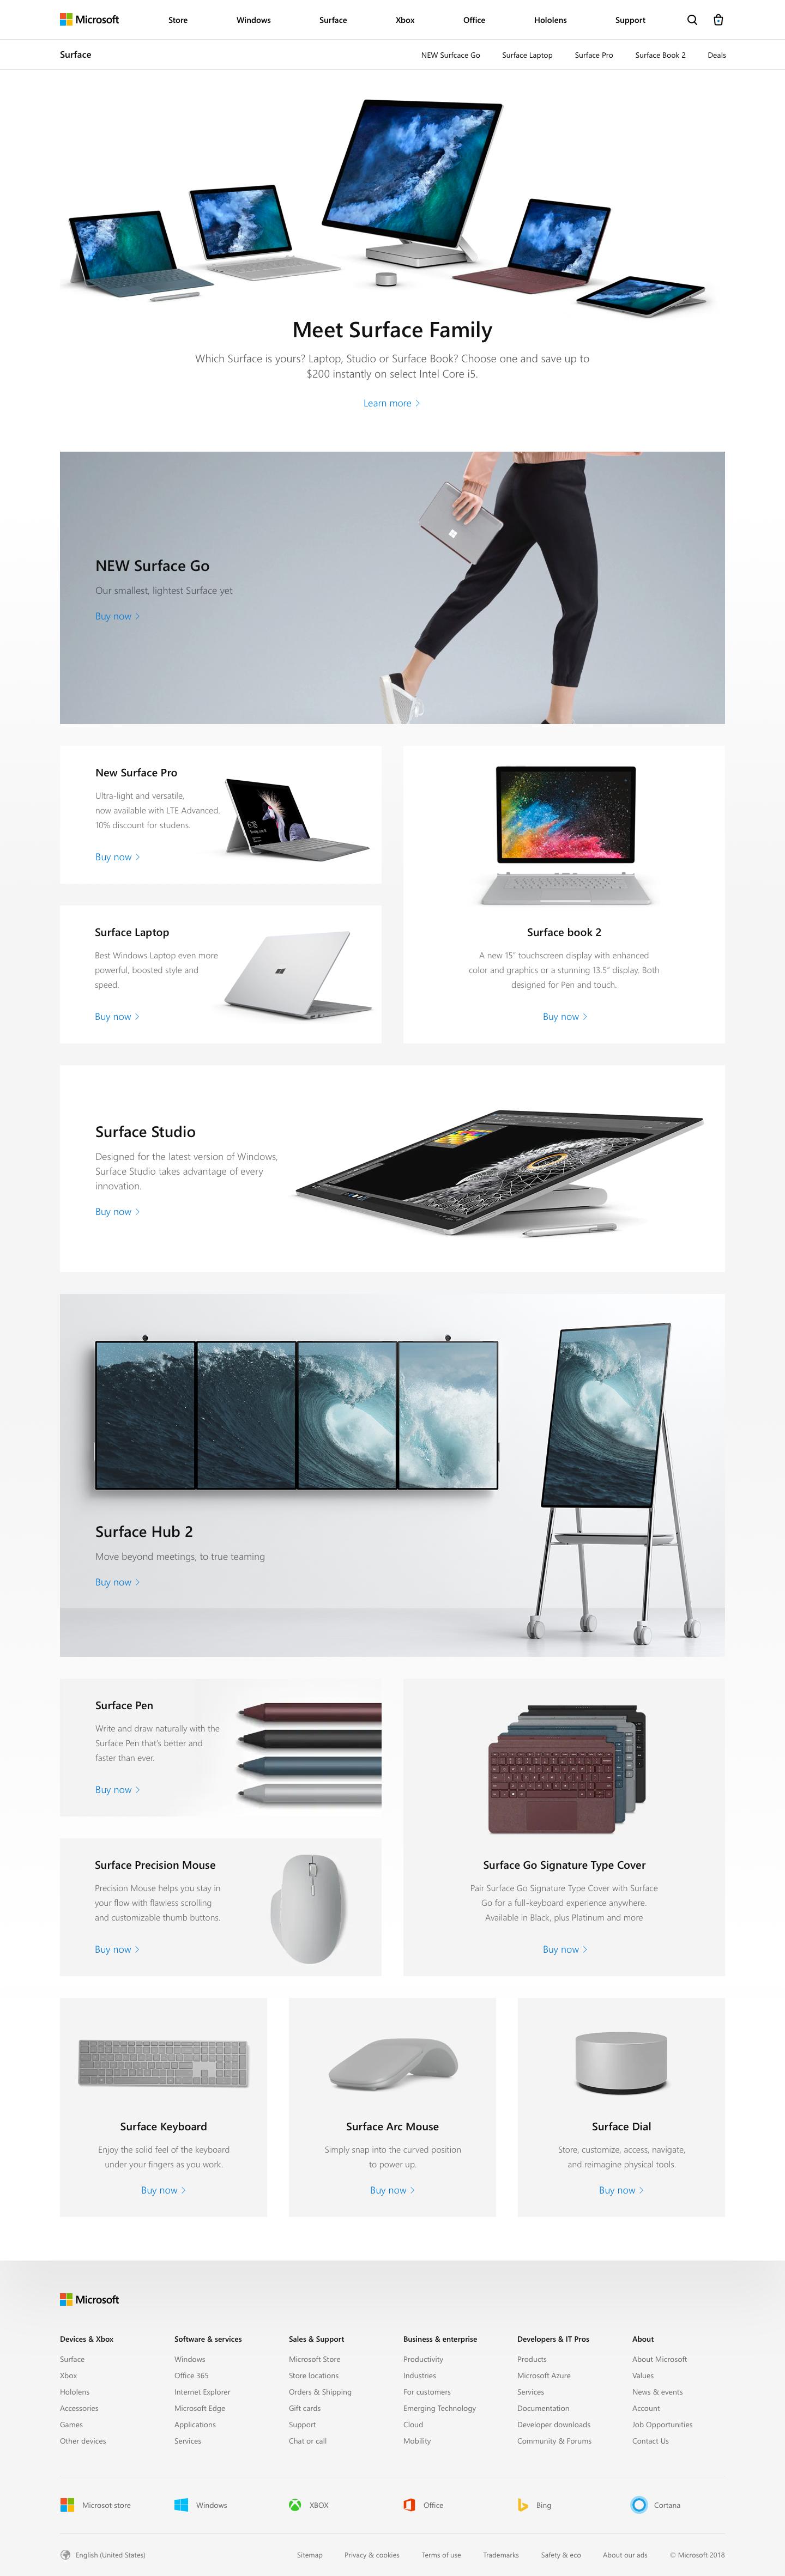 Store surfcae